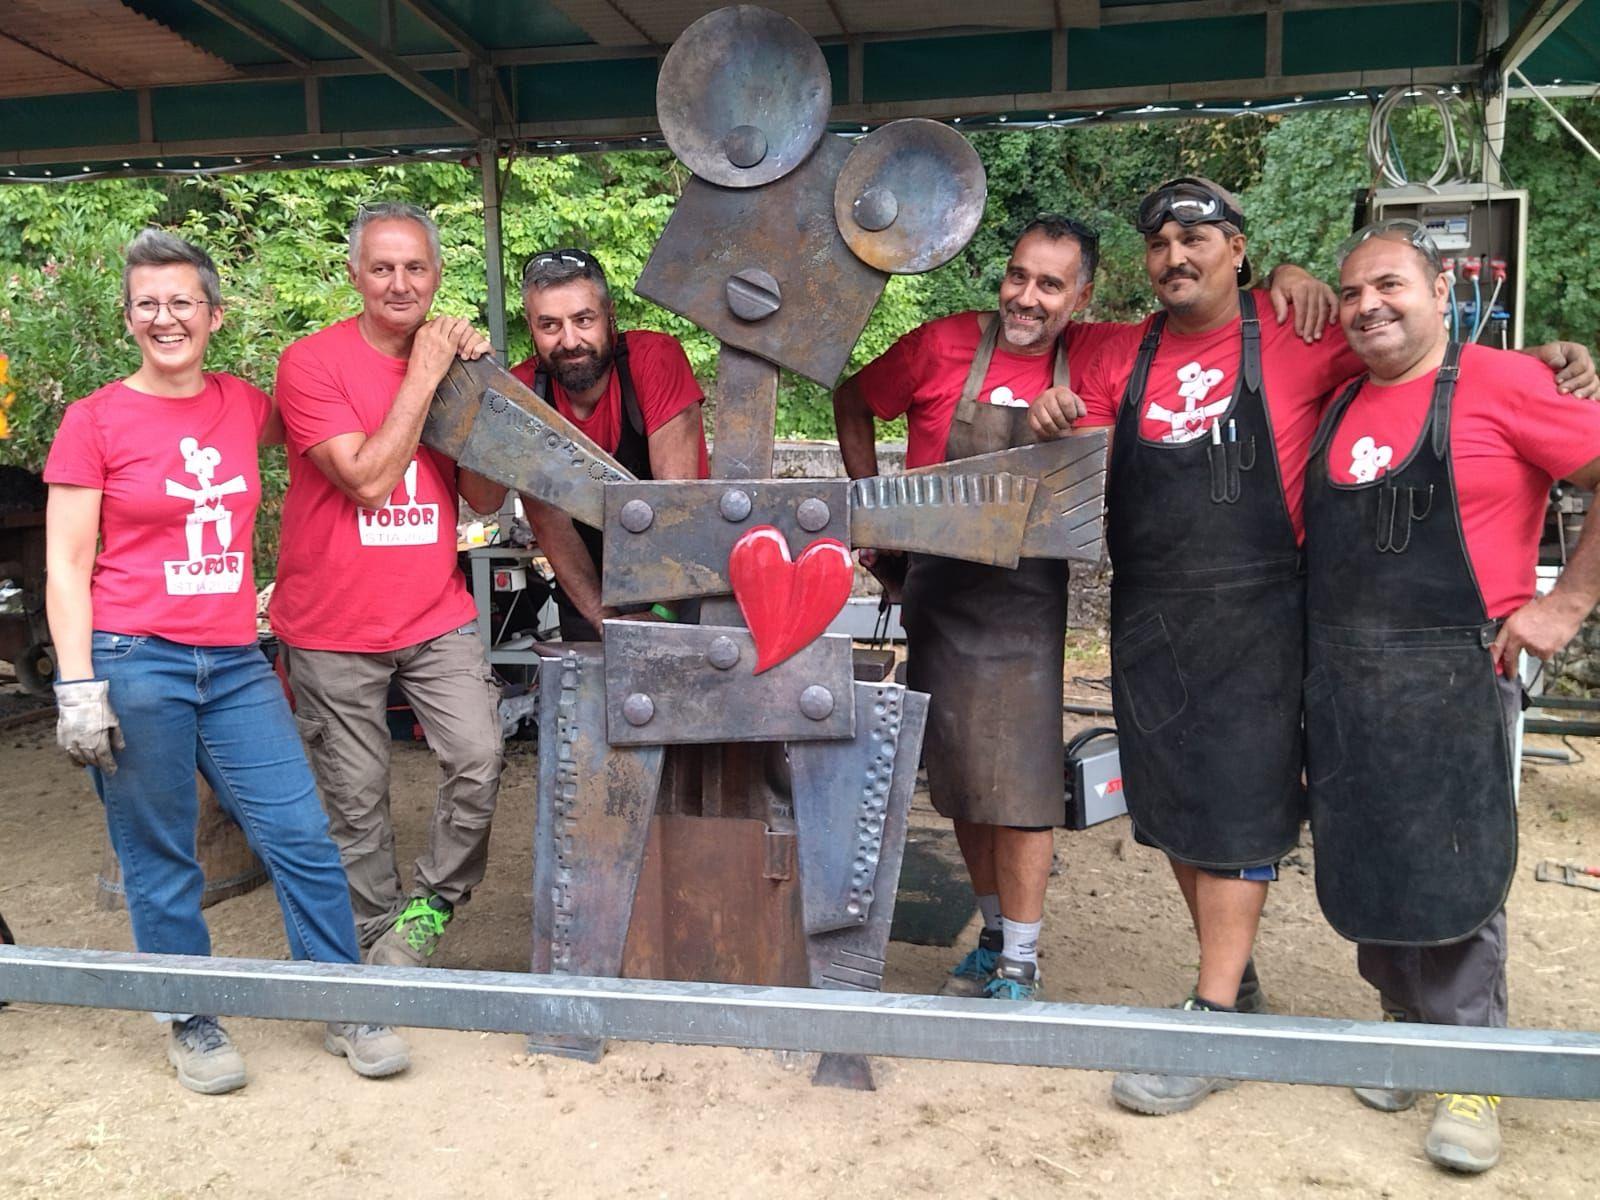 RIVAROLO CANAVESE - Artigiano rivarolese invitato alla biennale europea dell'arte fabbrile di Stia